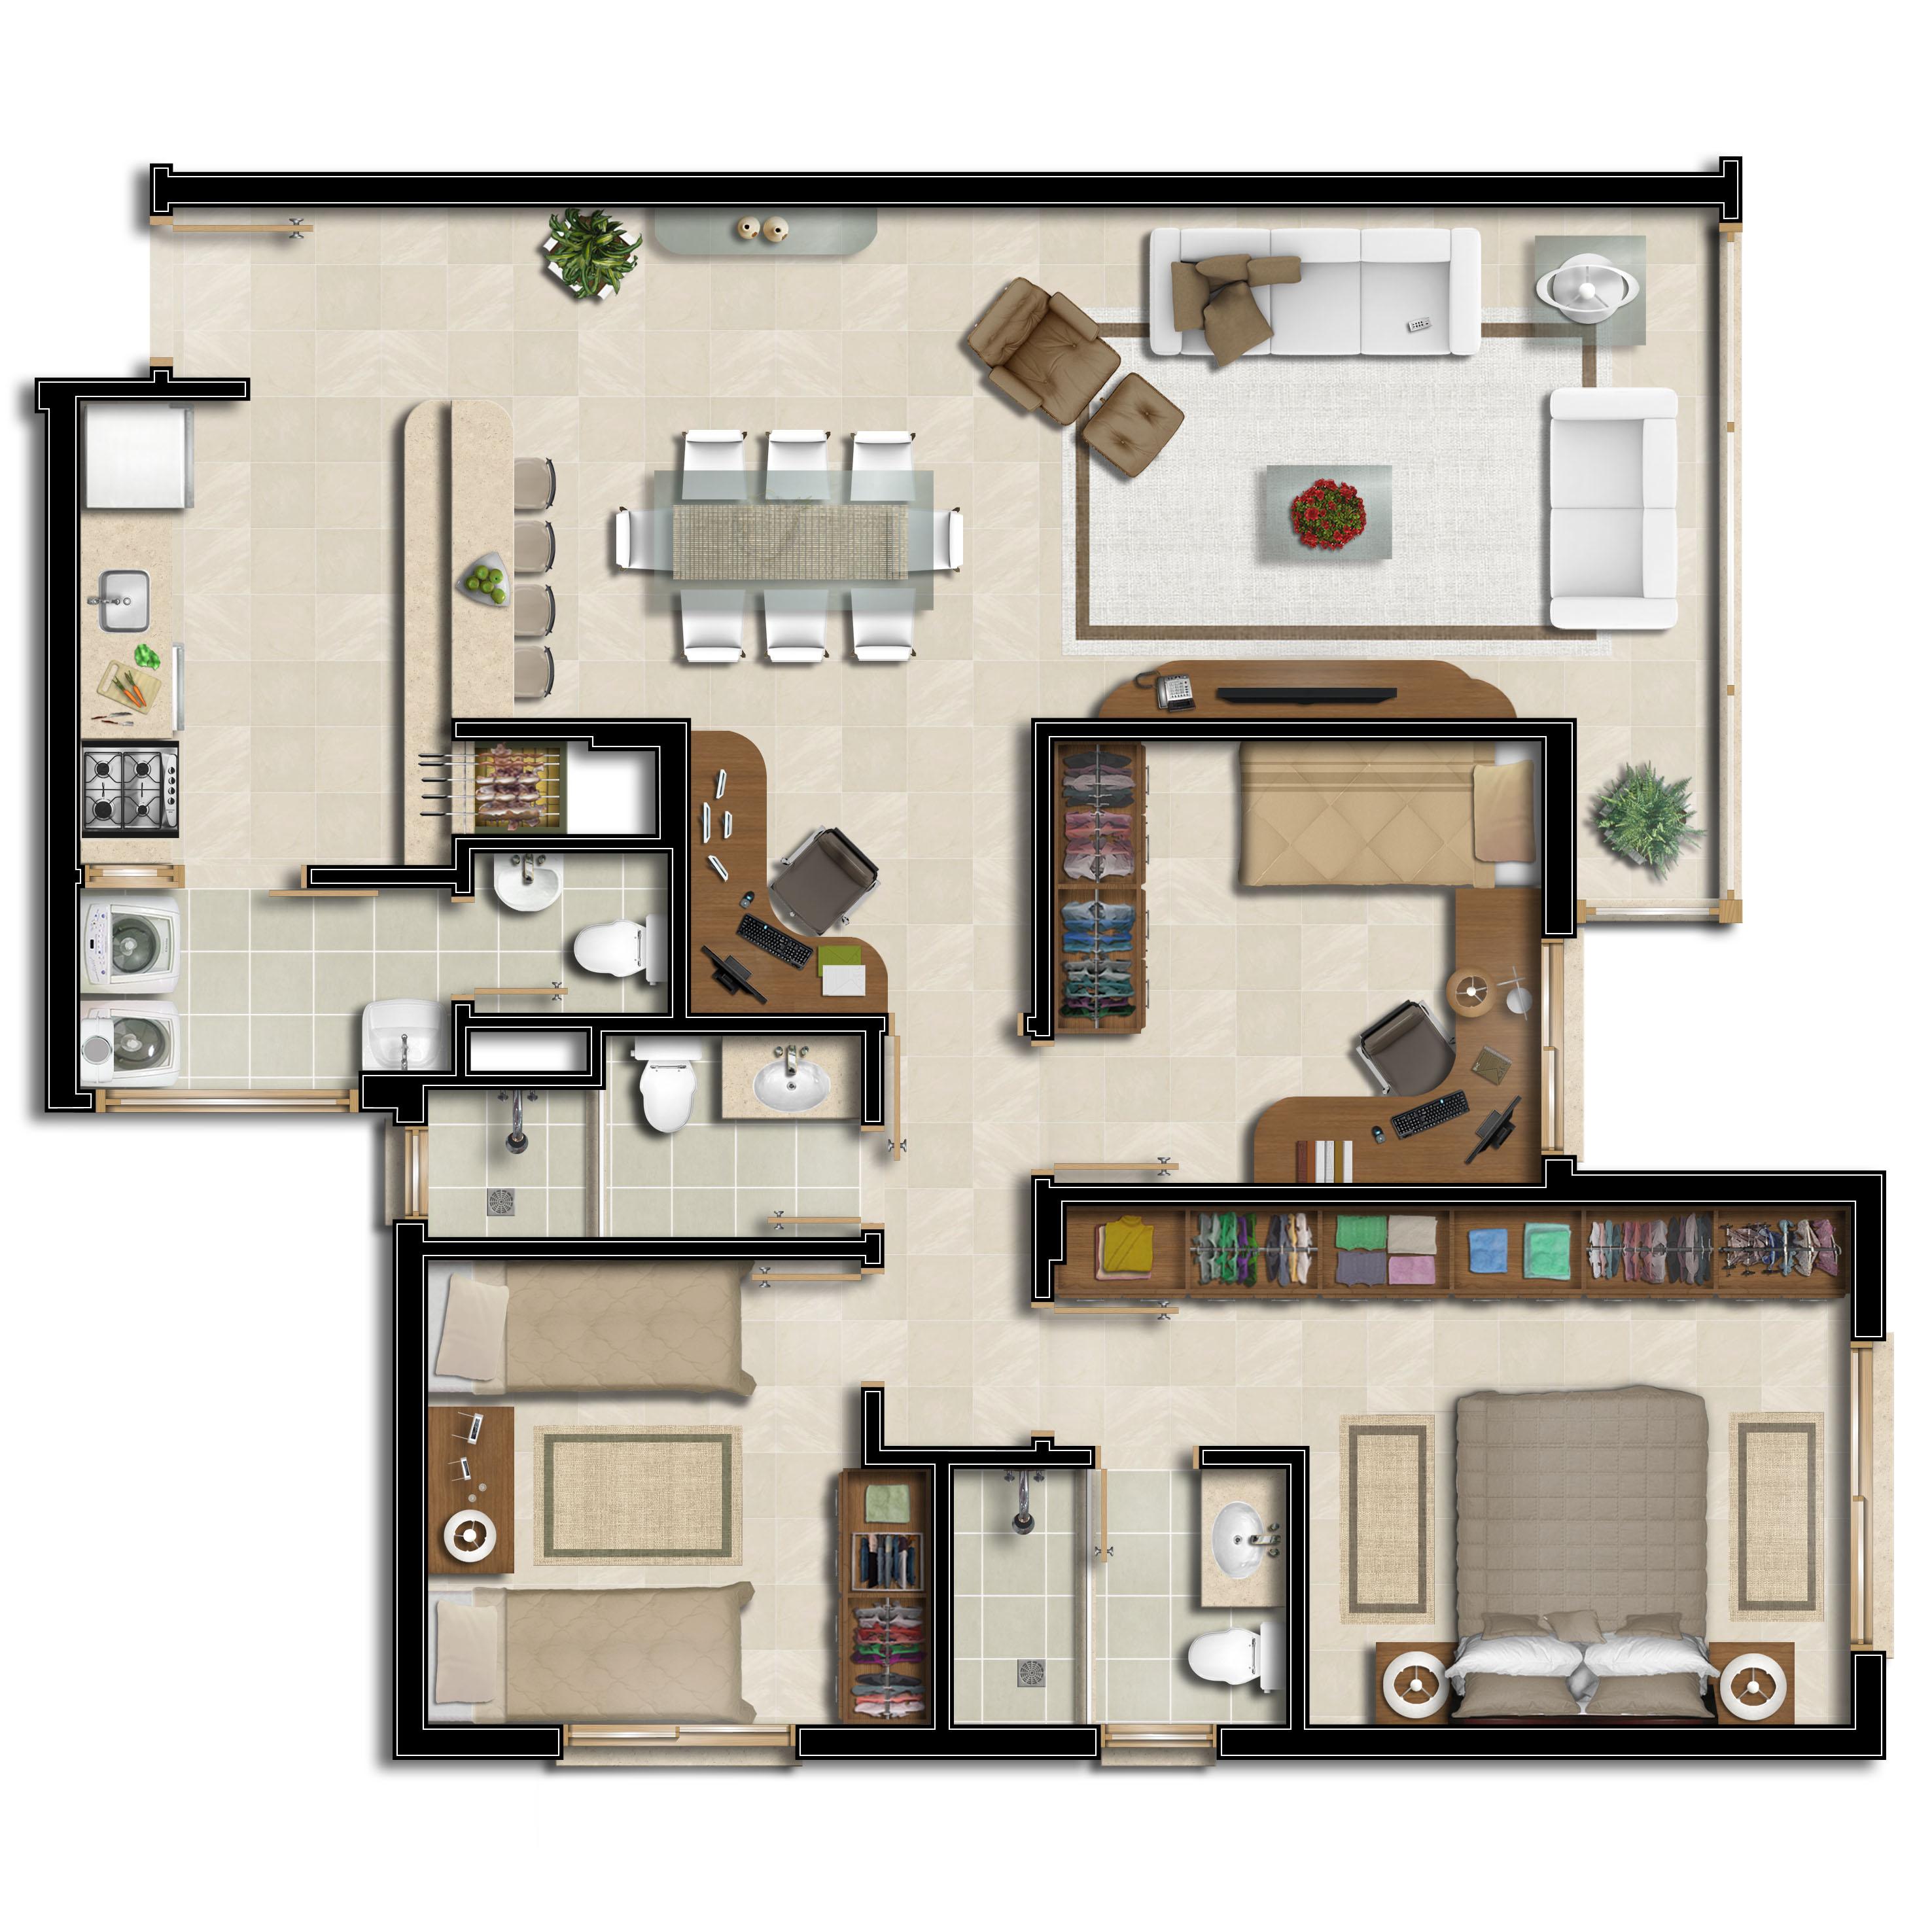 Residencial com apartamentos de 3 dormitórios/ Suíte casal, 103,15m privativos, 2 ou 3 vagas,  com e sem depósito, Infraestrutura de lazer.